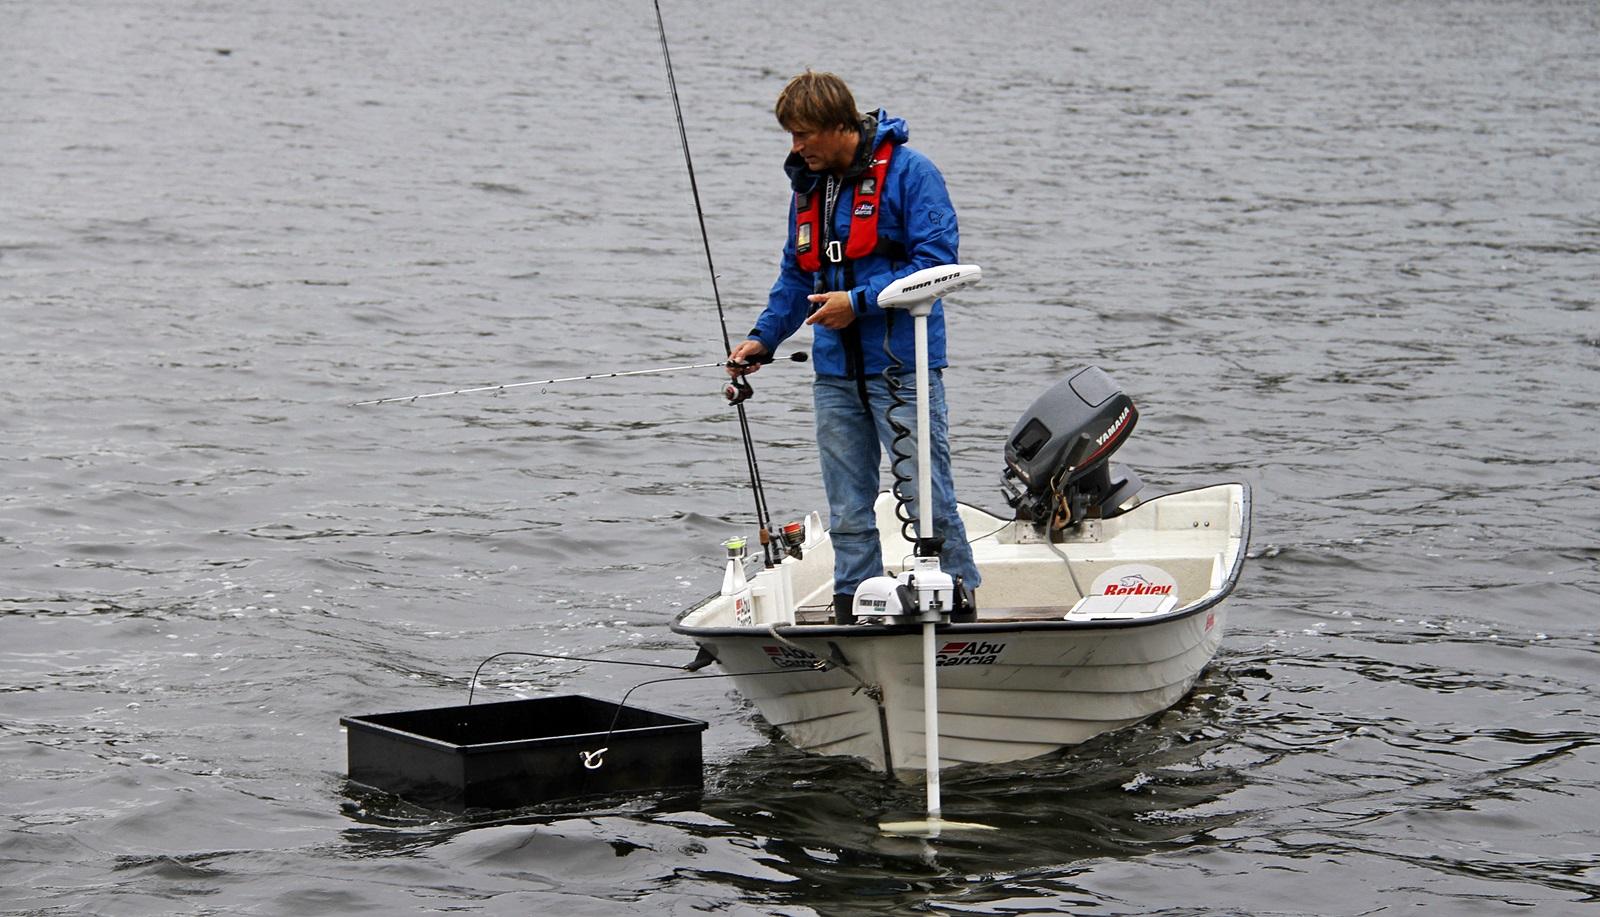 Det er også mulig å bruke vannkikkebrett i fra båt